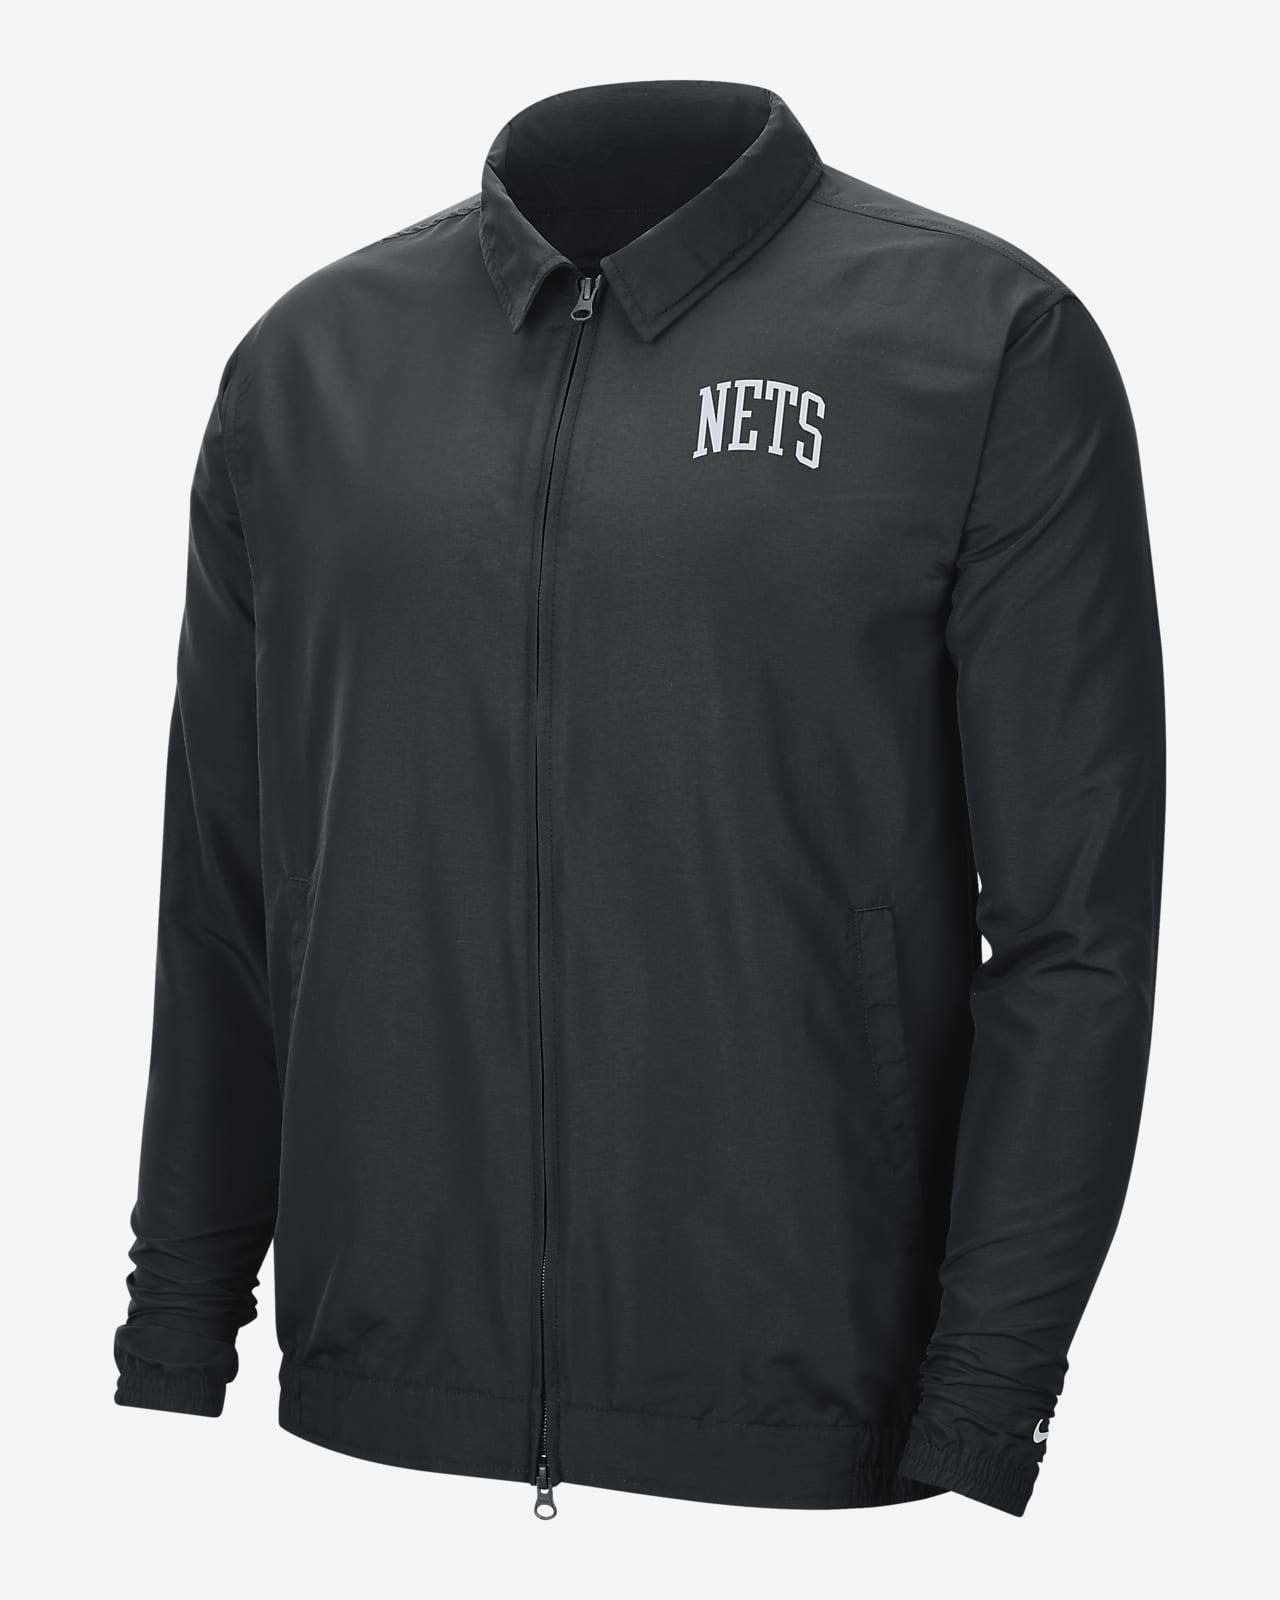 Chamarra ligera de Nike NBA para hombre Brooklyn Nets